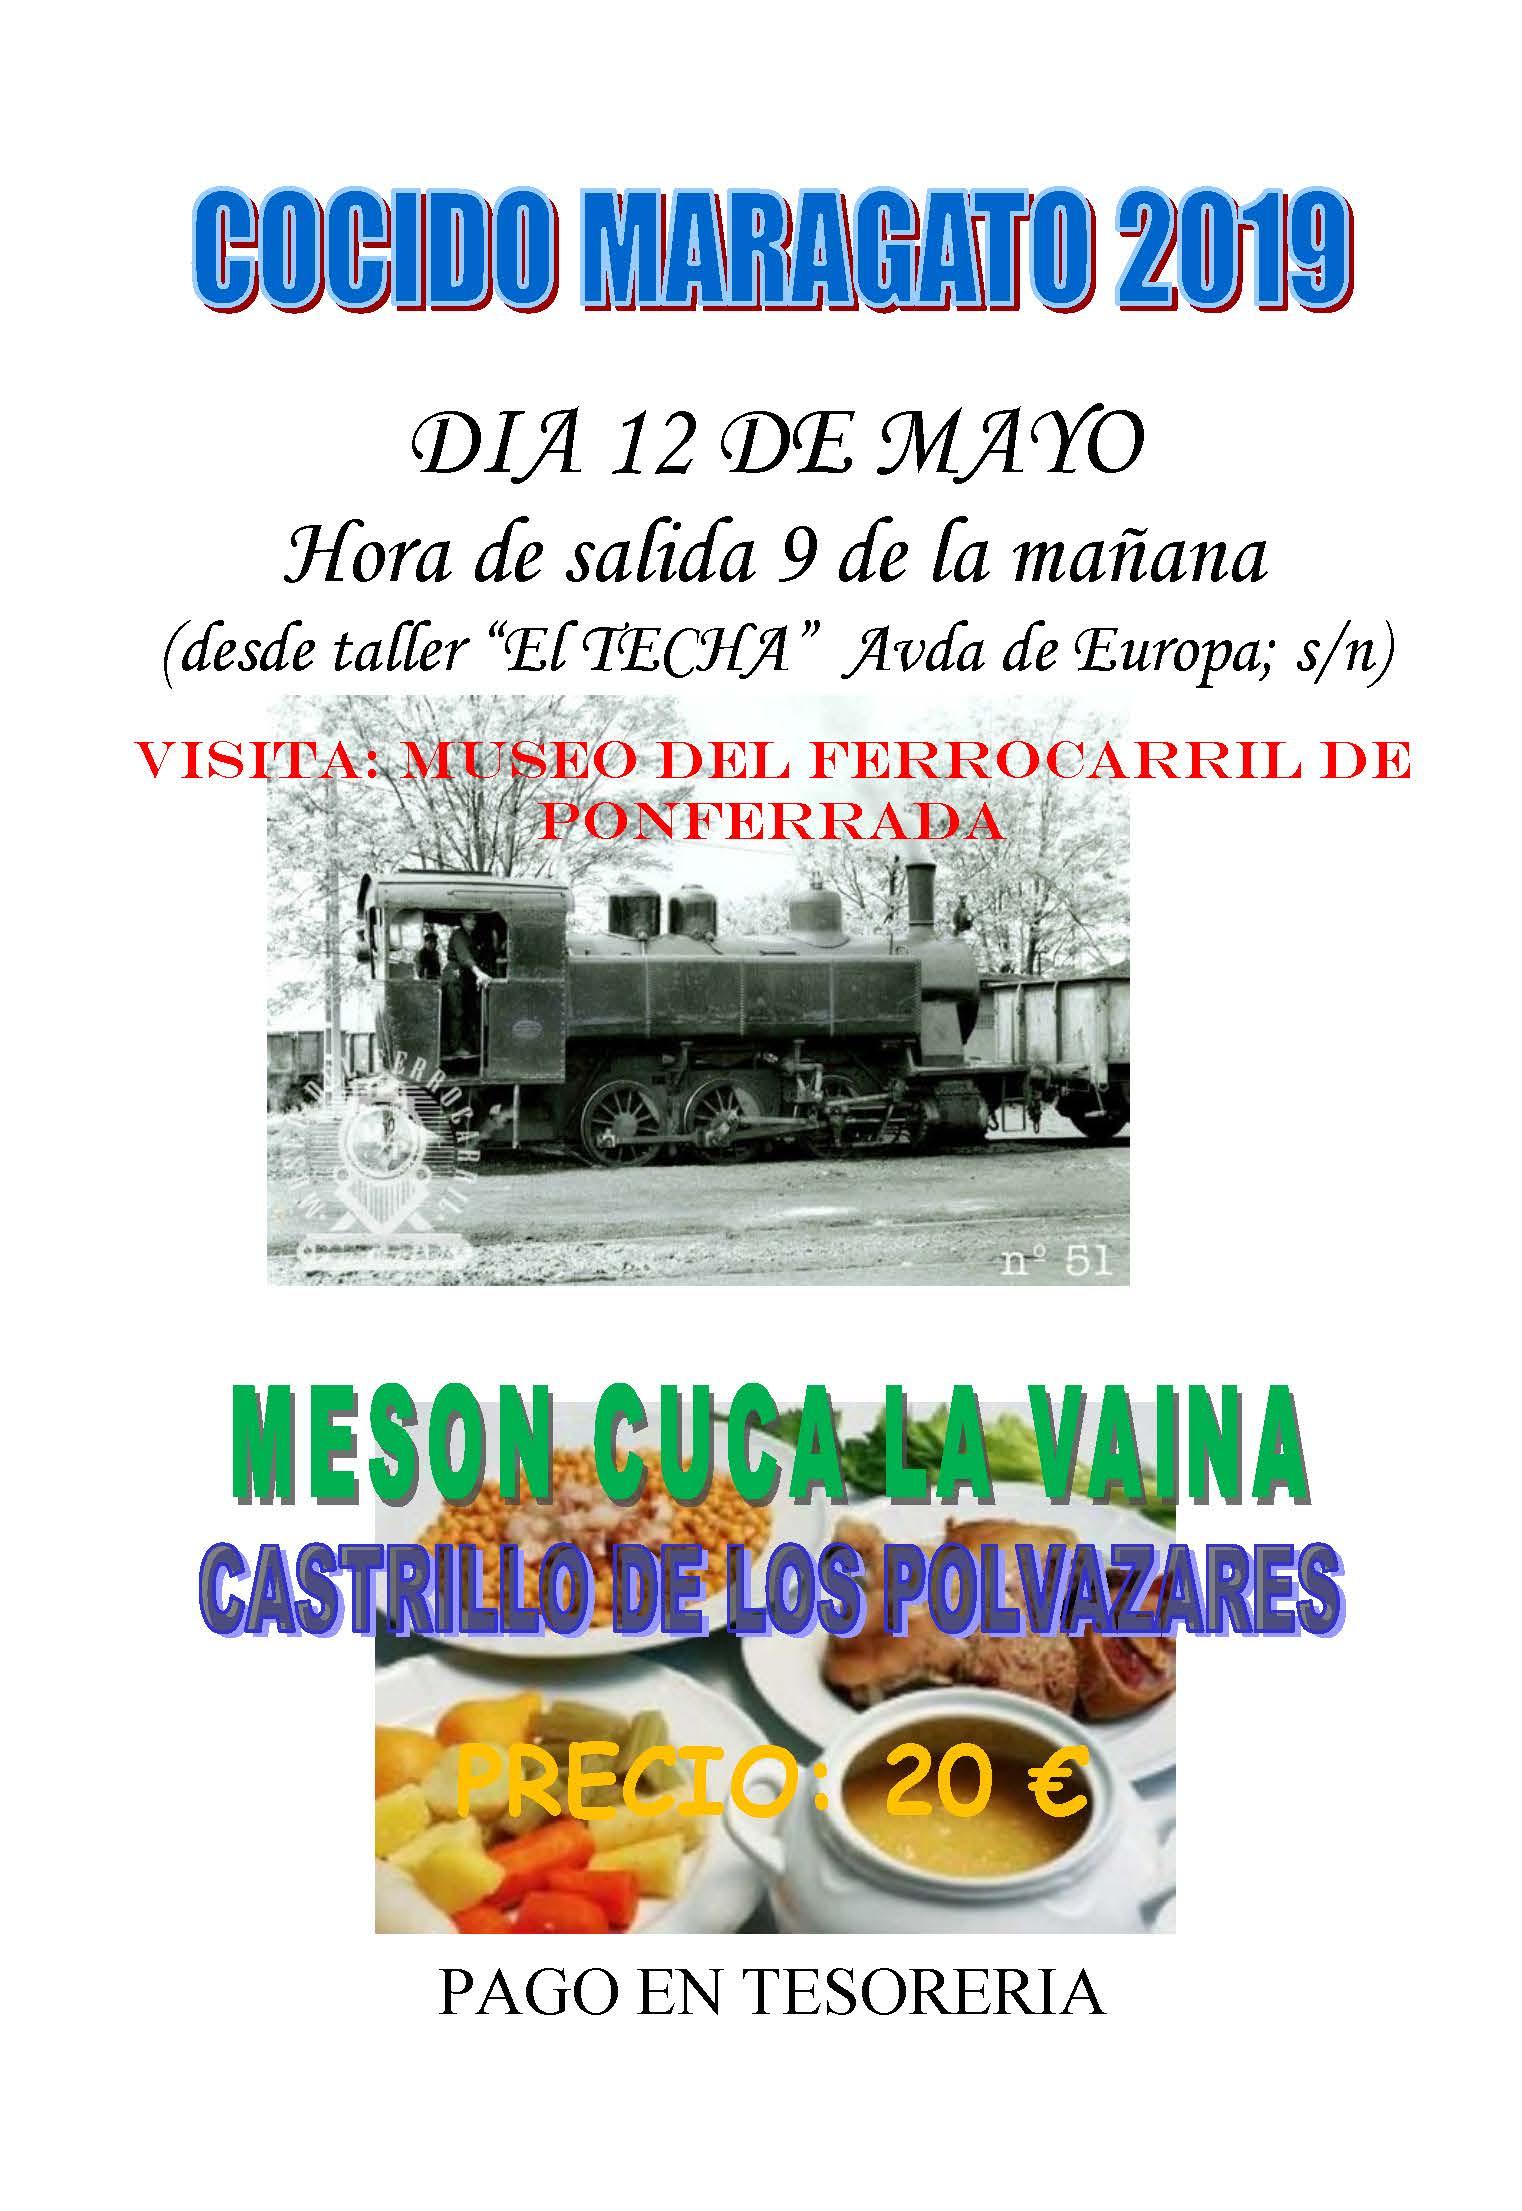 COCIDO MARAGATO 2019 CARTEL ANUNCIADOR